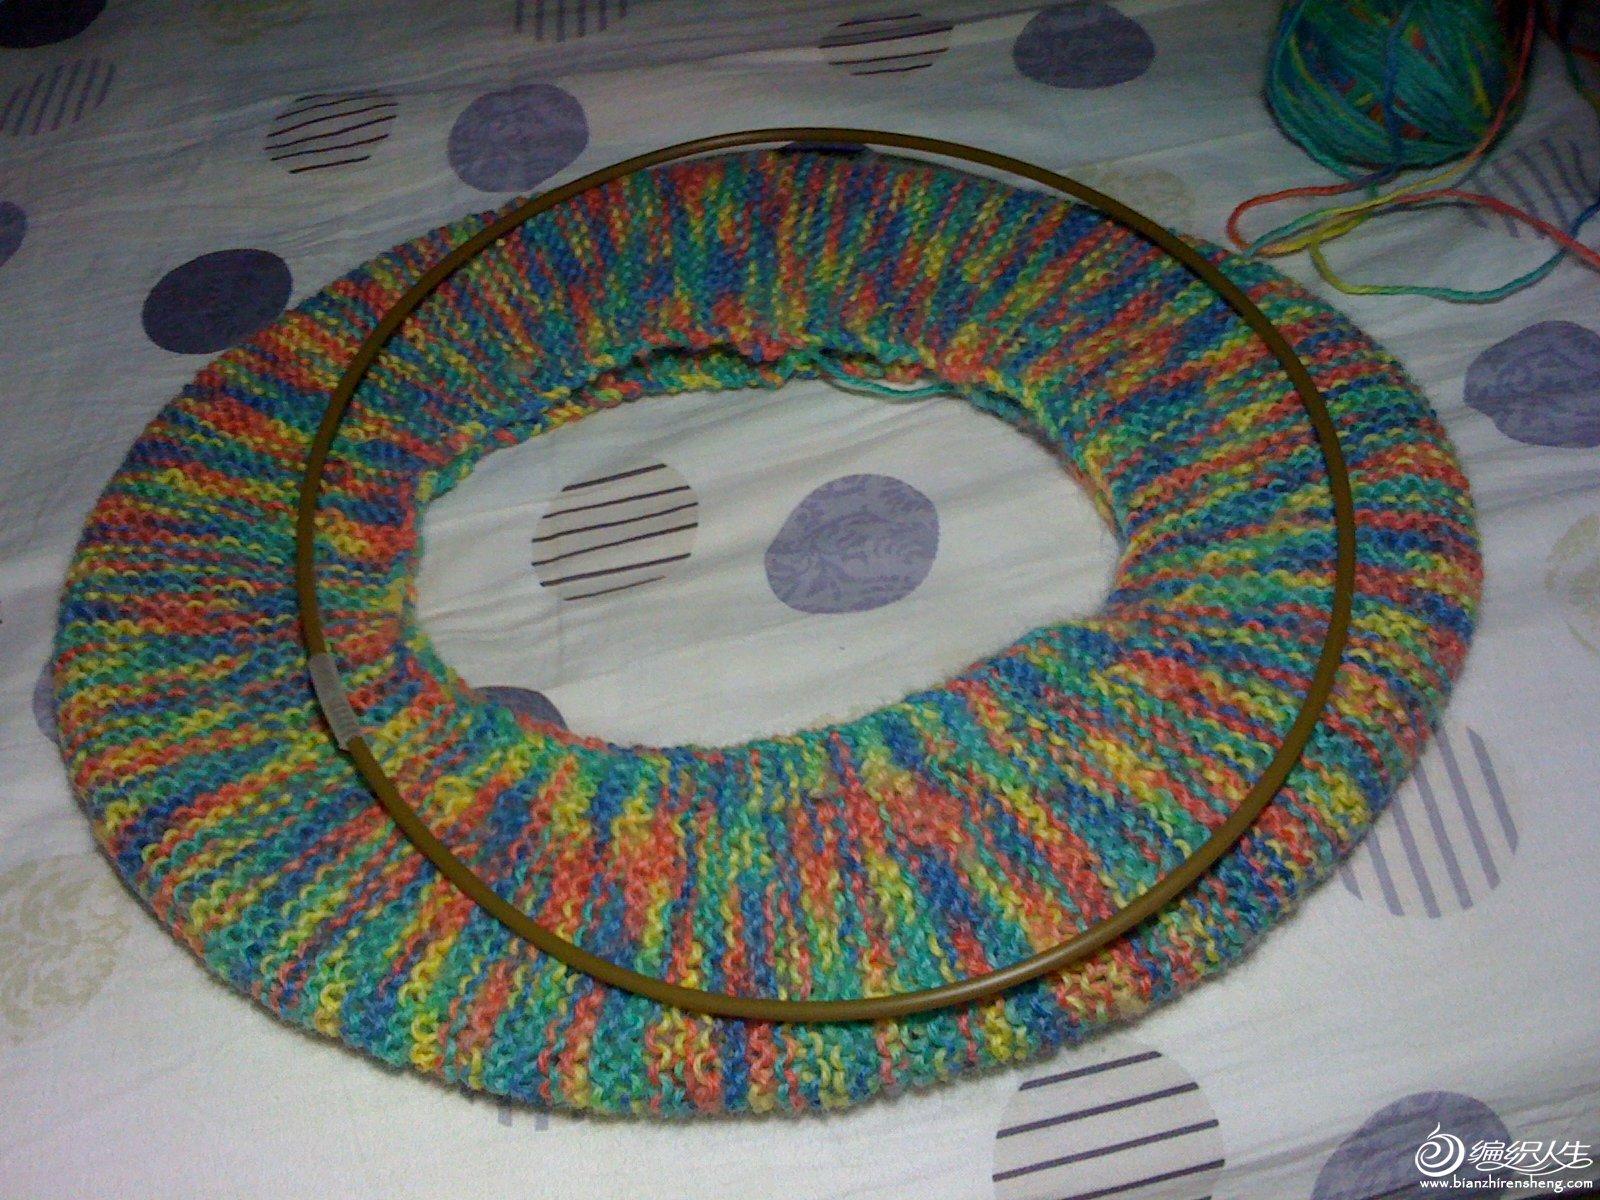 旧马桶硬圈跟织好的毛线垫